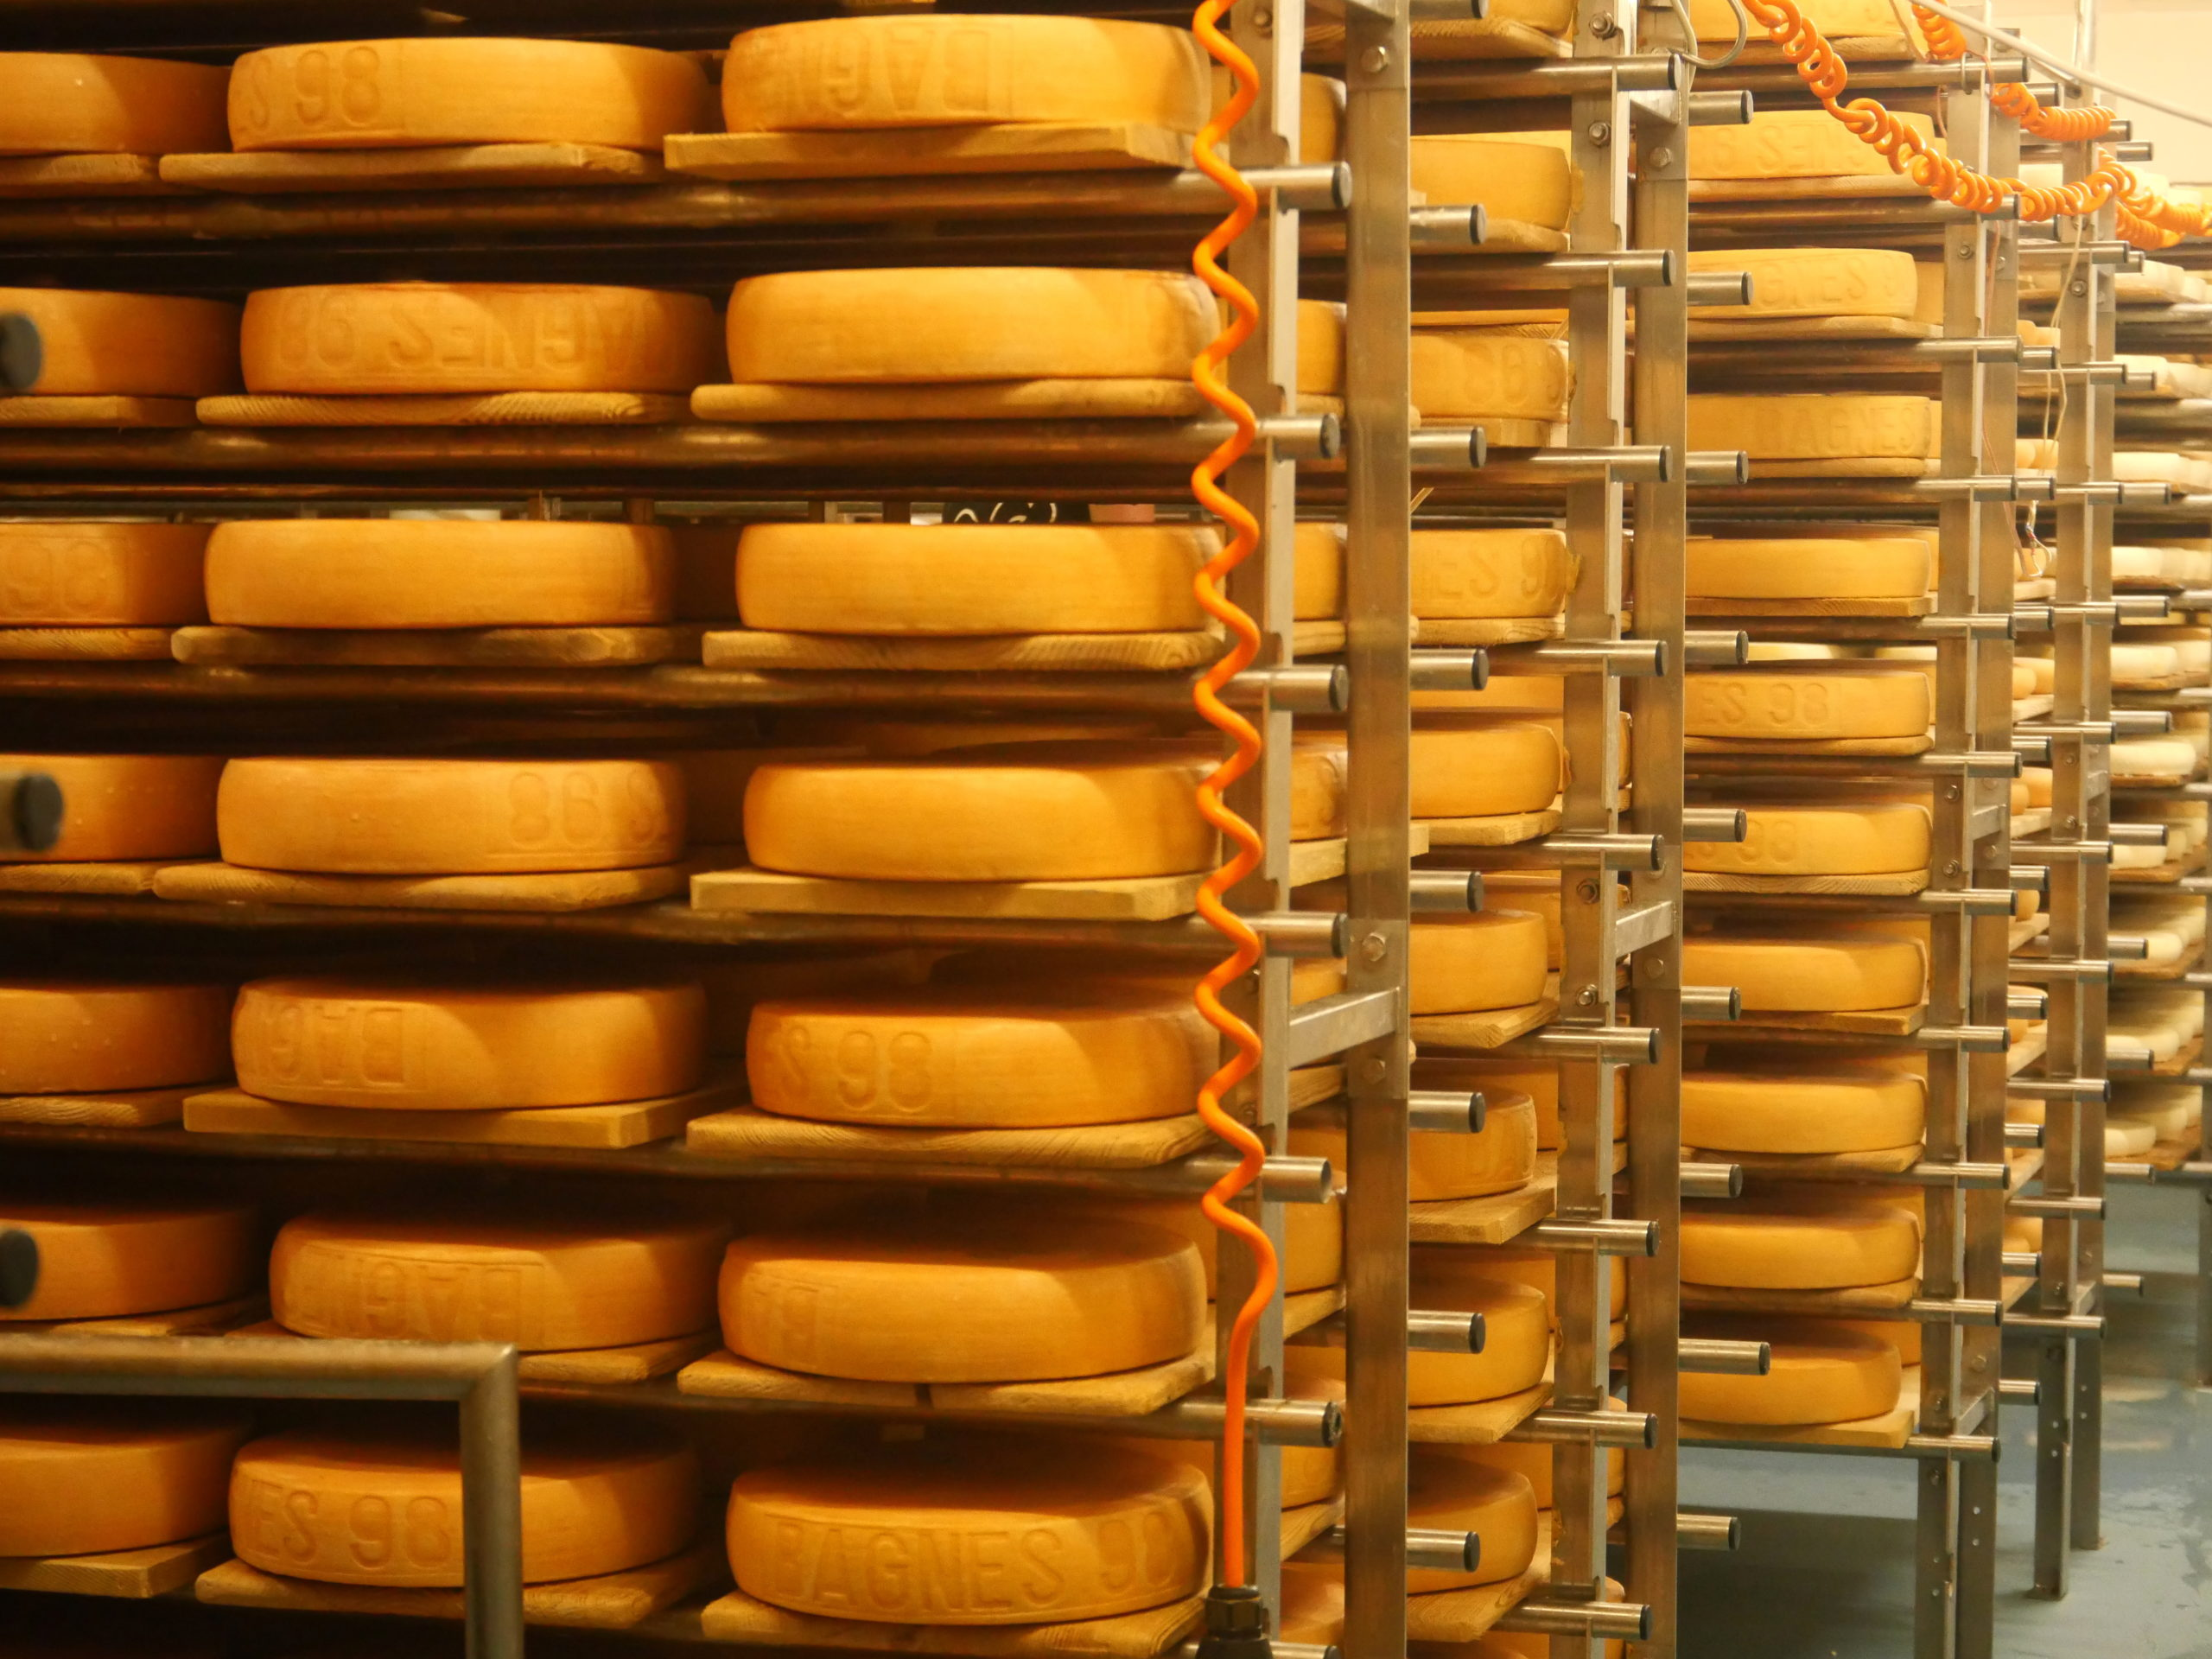 Slow Food Travel tommes dans les caves d'affinage fromagerie d'Etiez Valais SuisseJPG